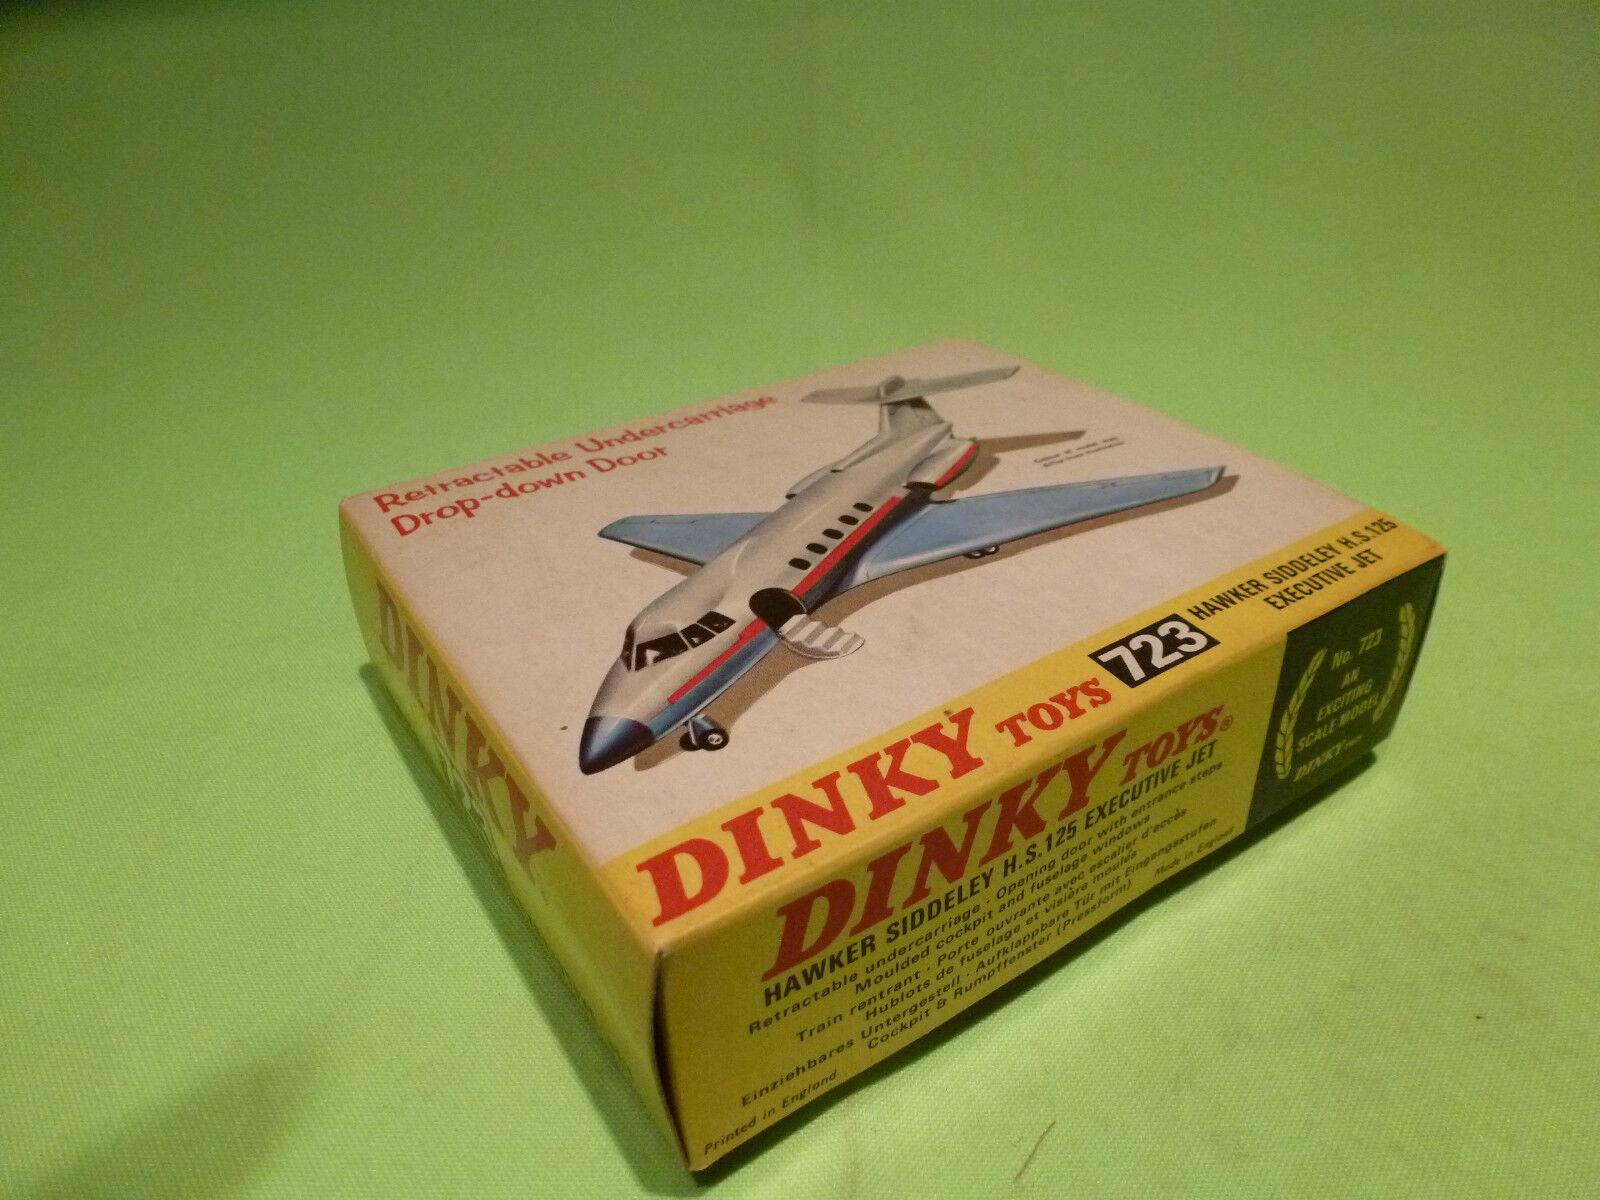 723 hawker siddeley hs dinky spielzeug 125 executive jet - selten selten ( 5 - gut in der box